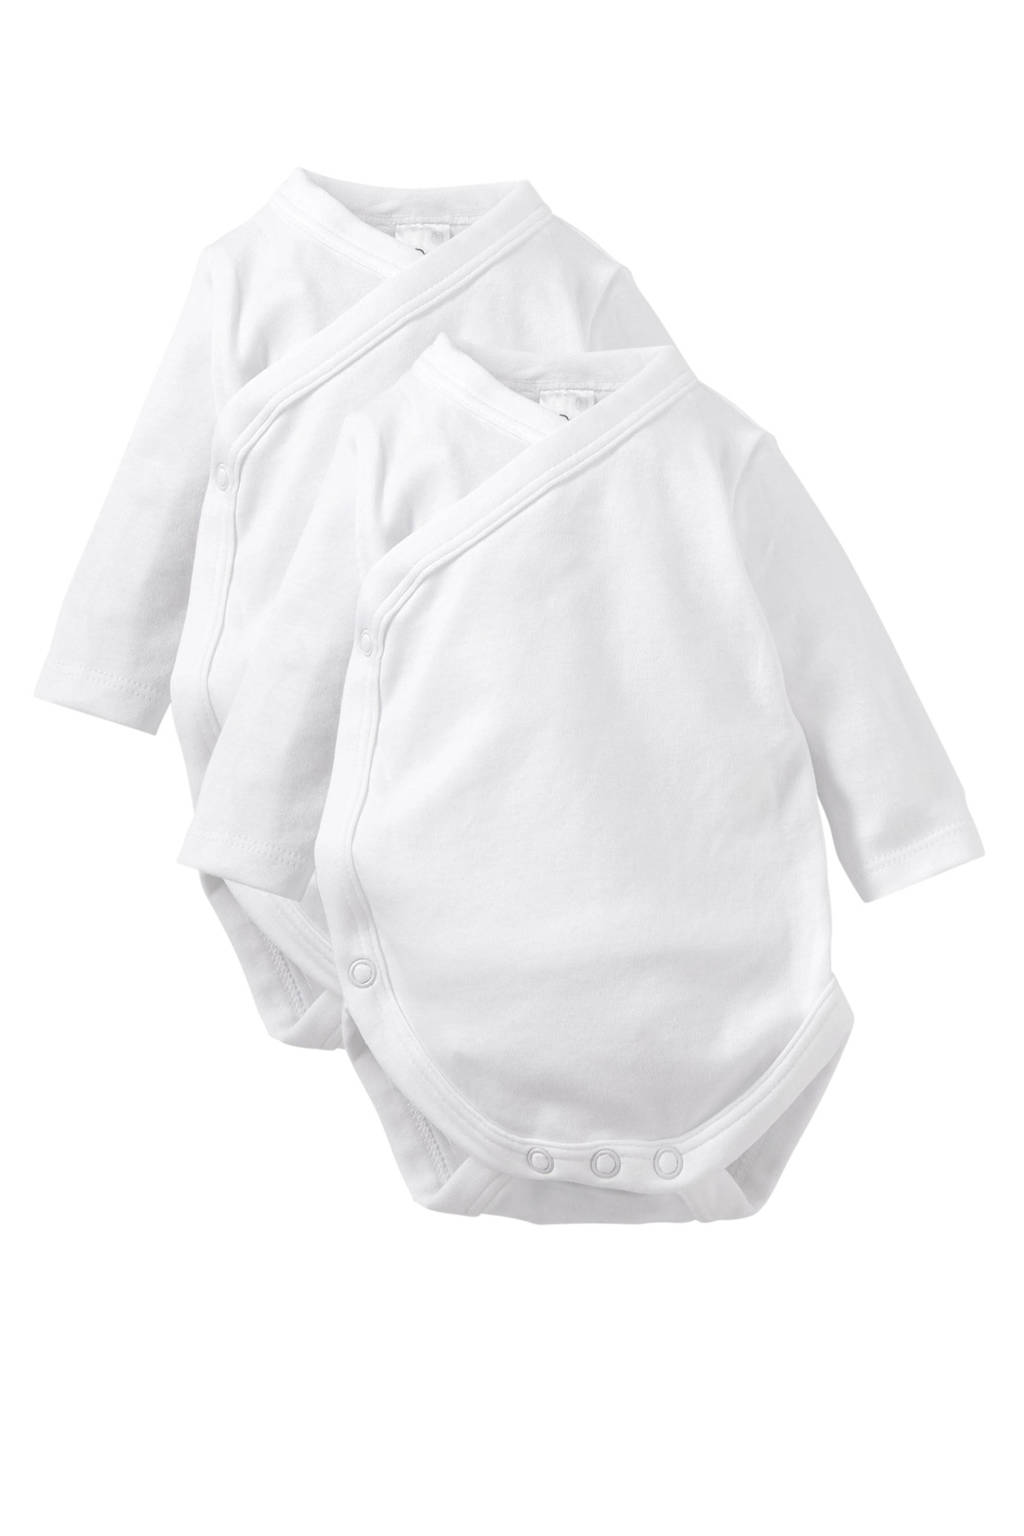 C&A newborn baby overslagromper - set van 2, Wit